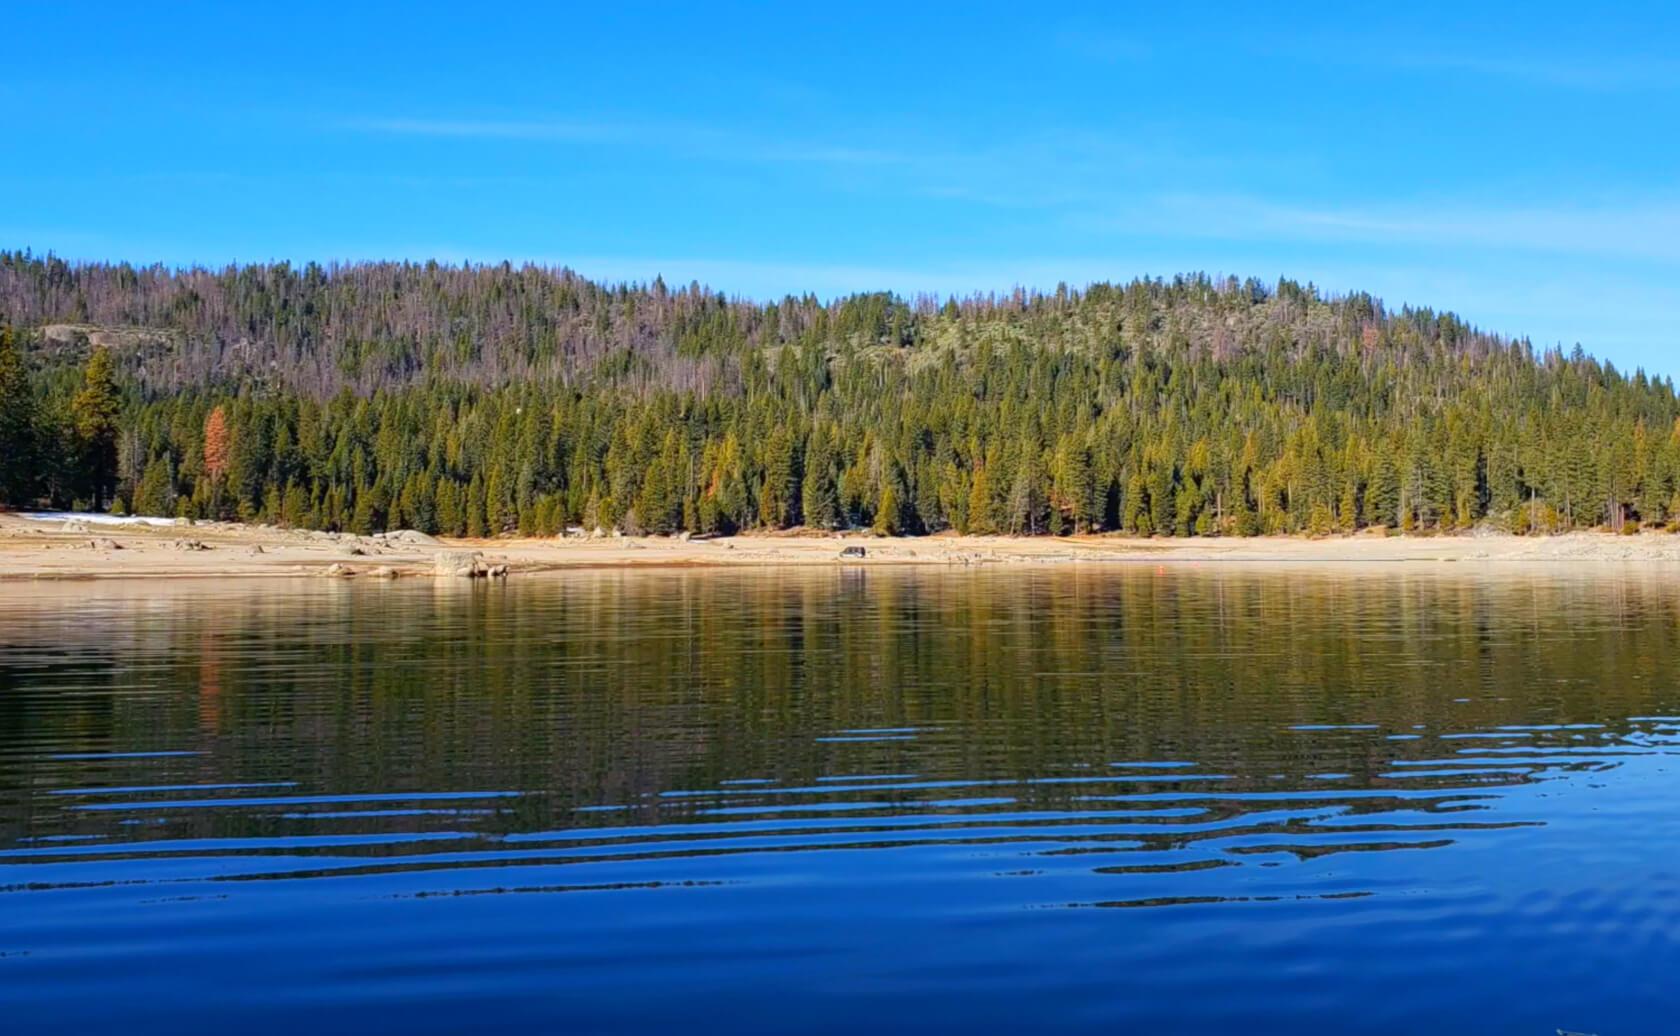 Shaver-Lake-Fishing-Guide-Report-California-06